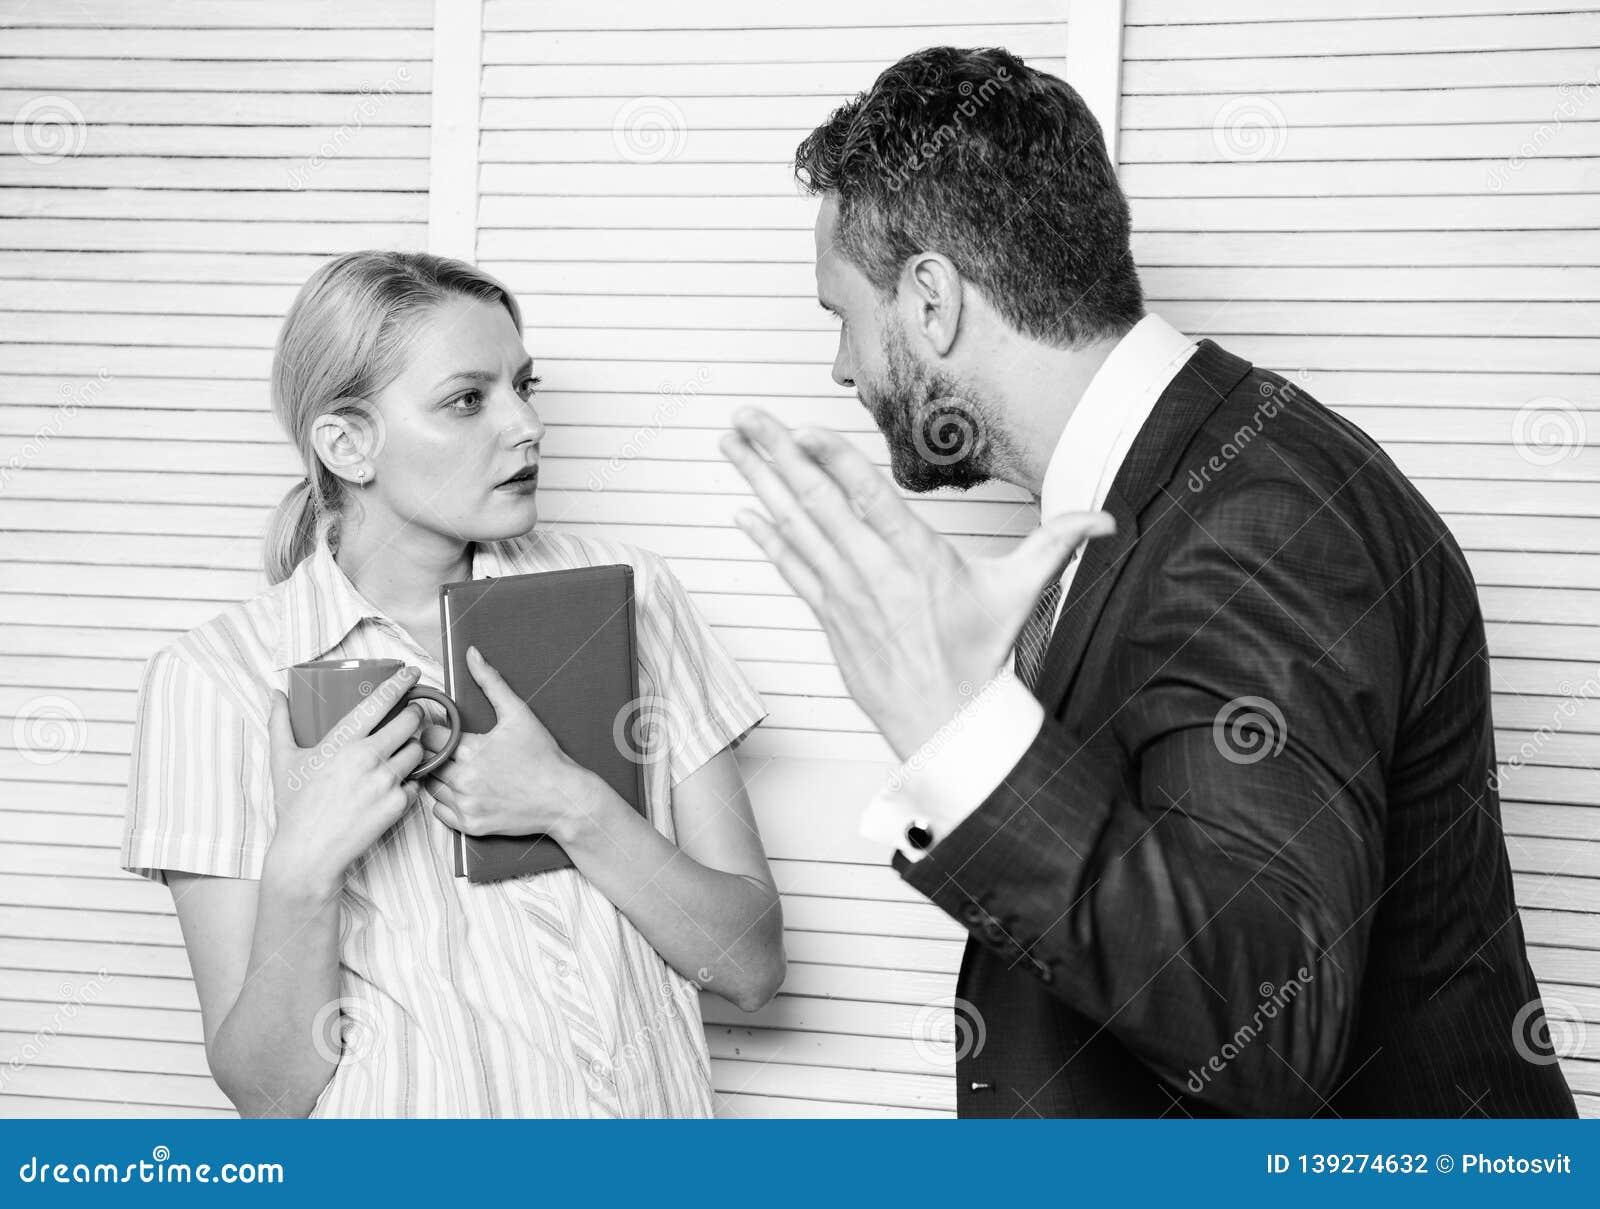 Engano entre colegas Preconceito e atitude pessoal com relação ao empregado Conversação ou discussão tensa no meio